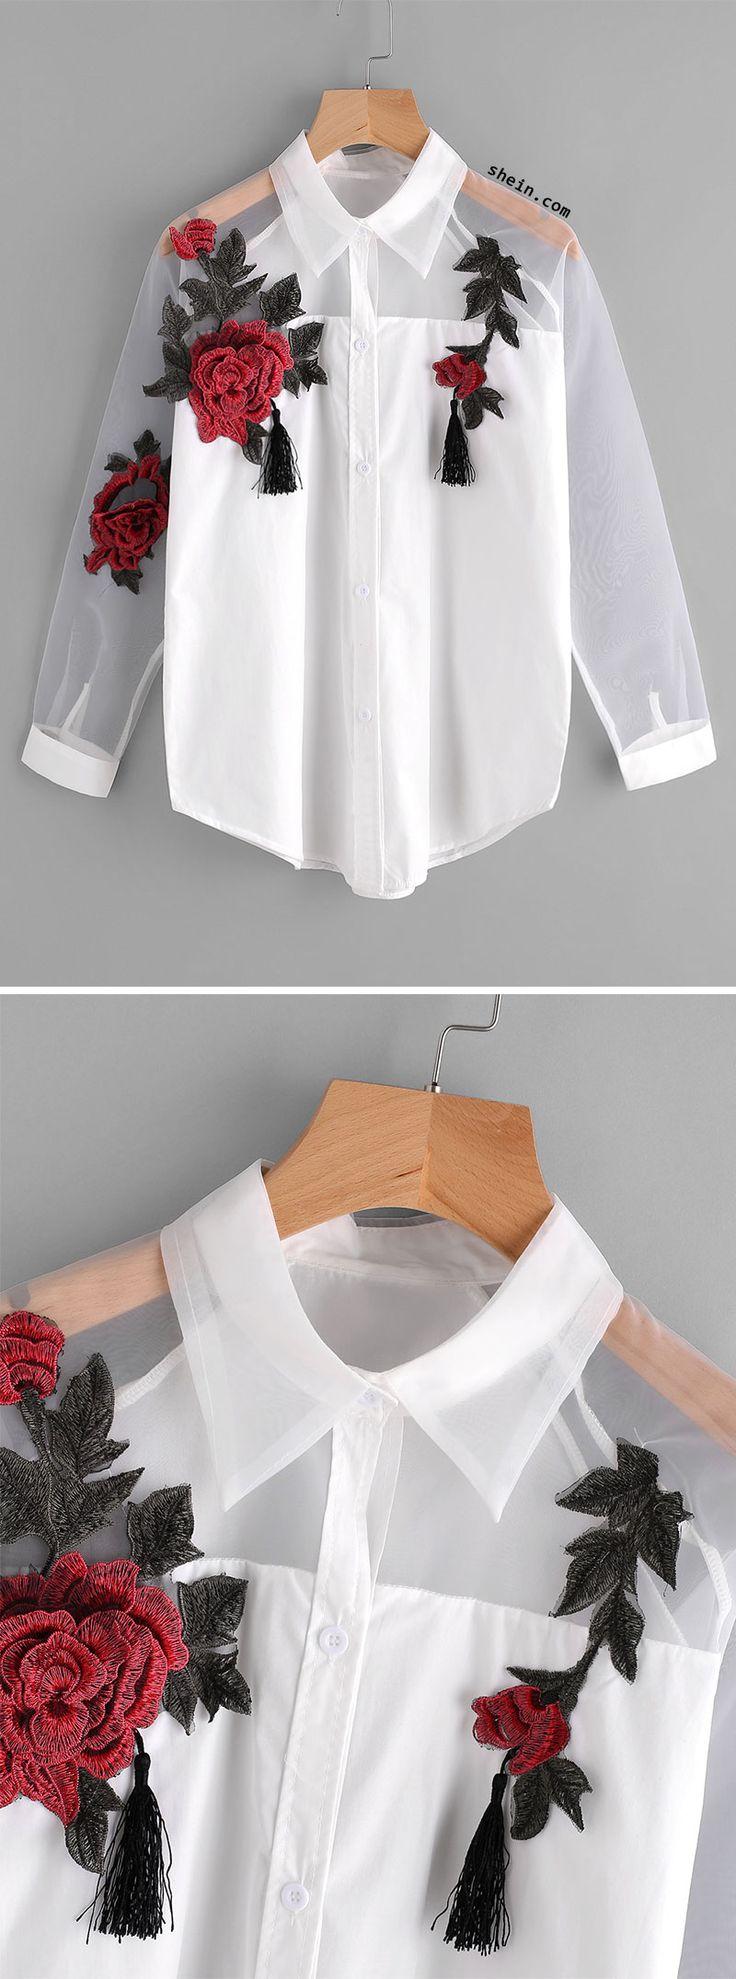 Camisa de vestir pero con un toque más original